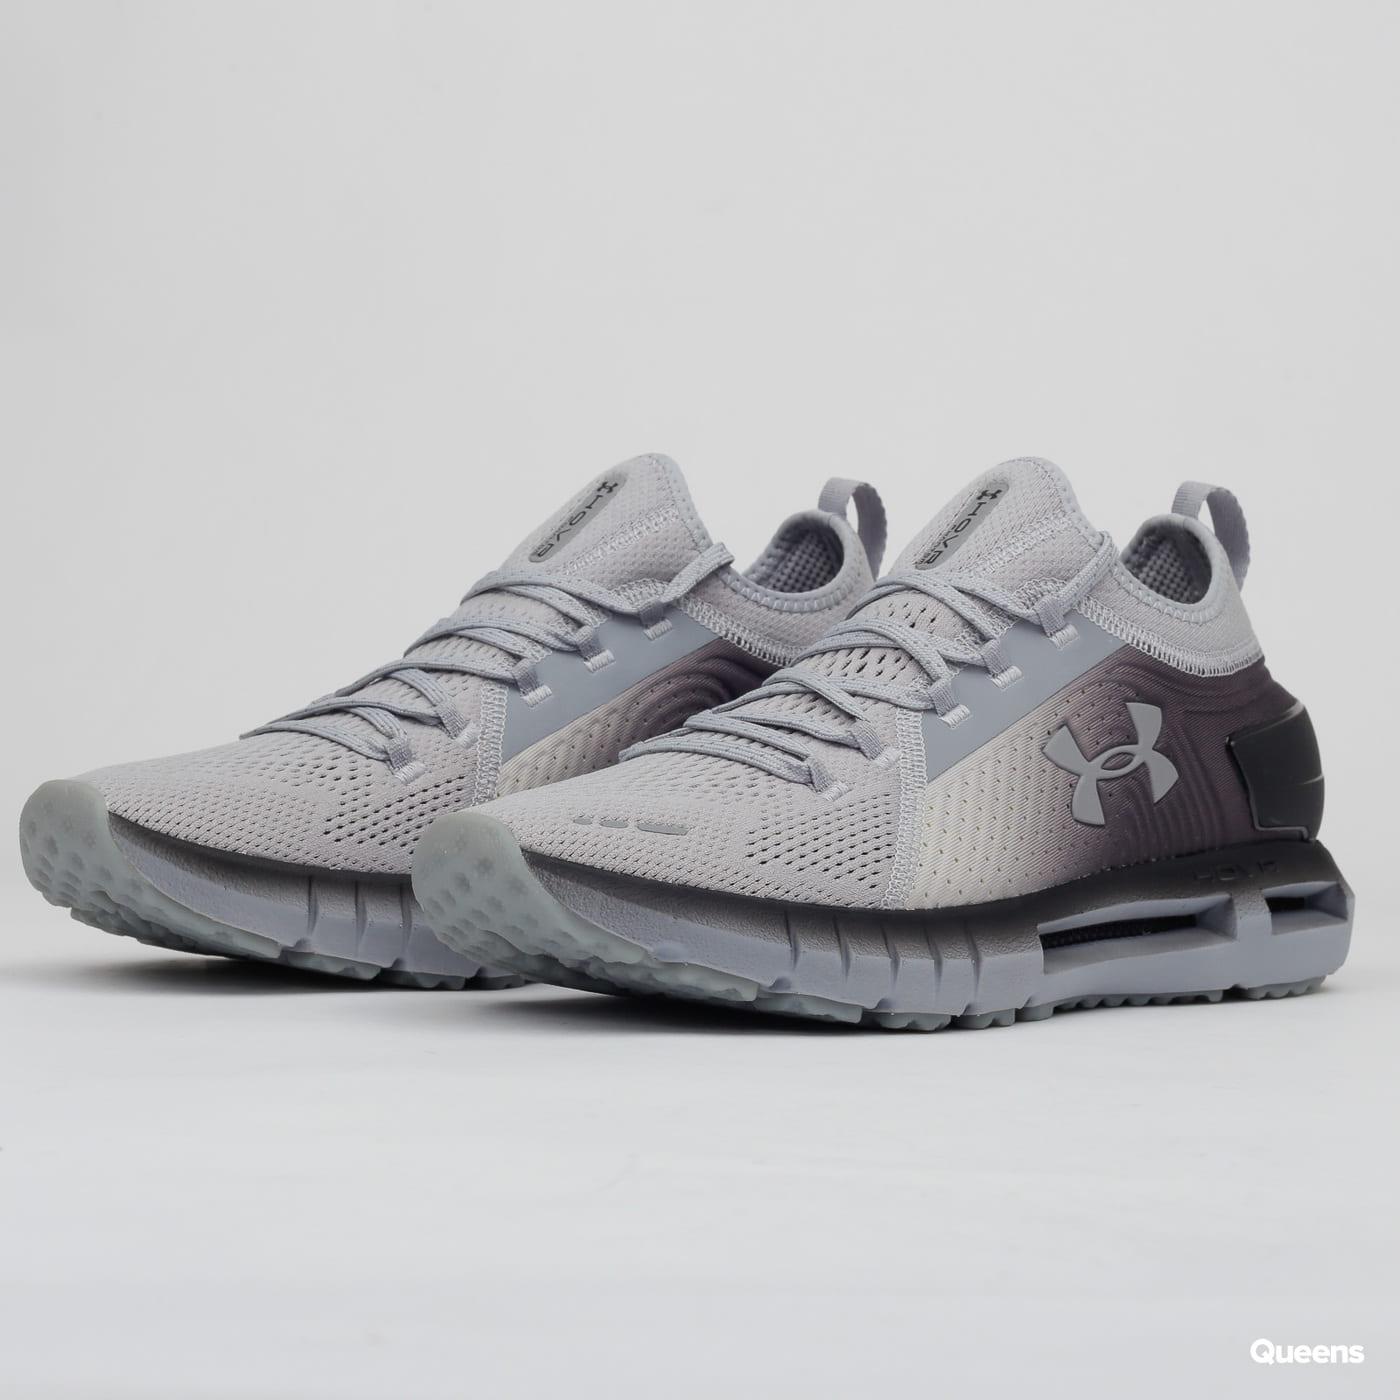 Demon Play ella es Auroch  Sneakers Under Armour HOVR Phantom SE grey (3022425-101) – Queens 💚